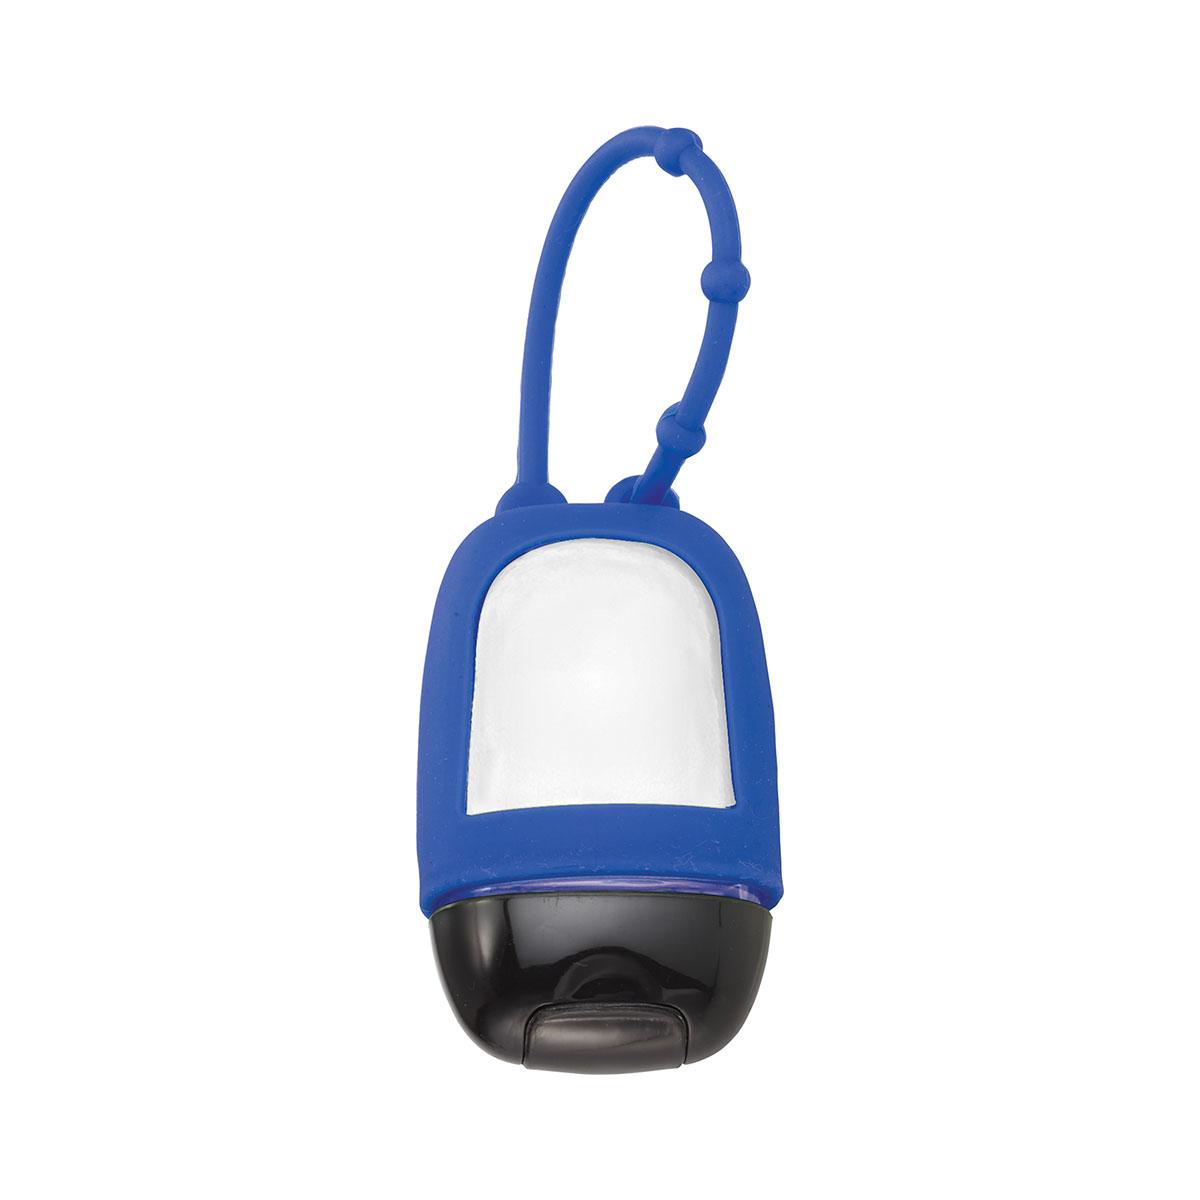 Droplet santizer blue